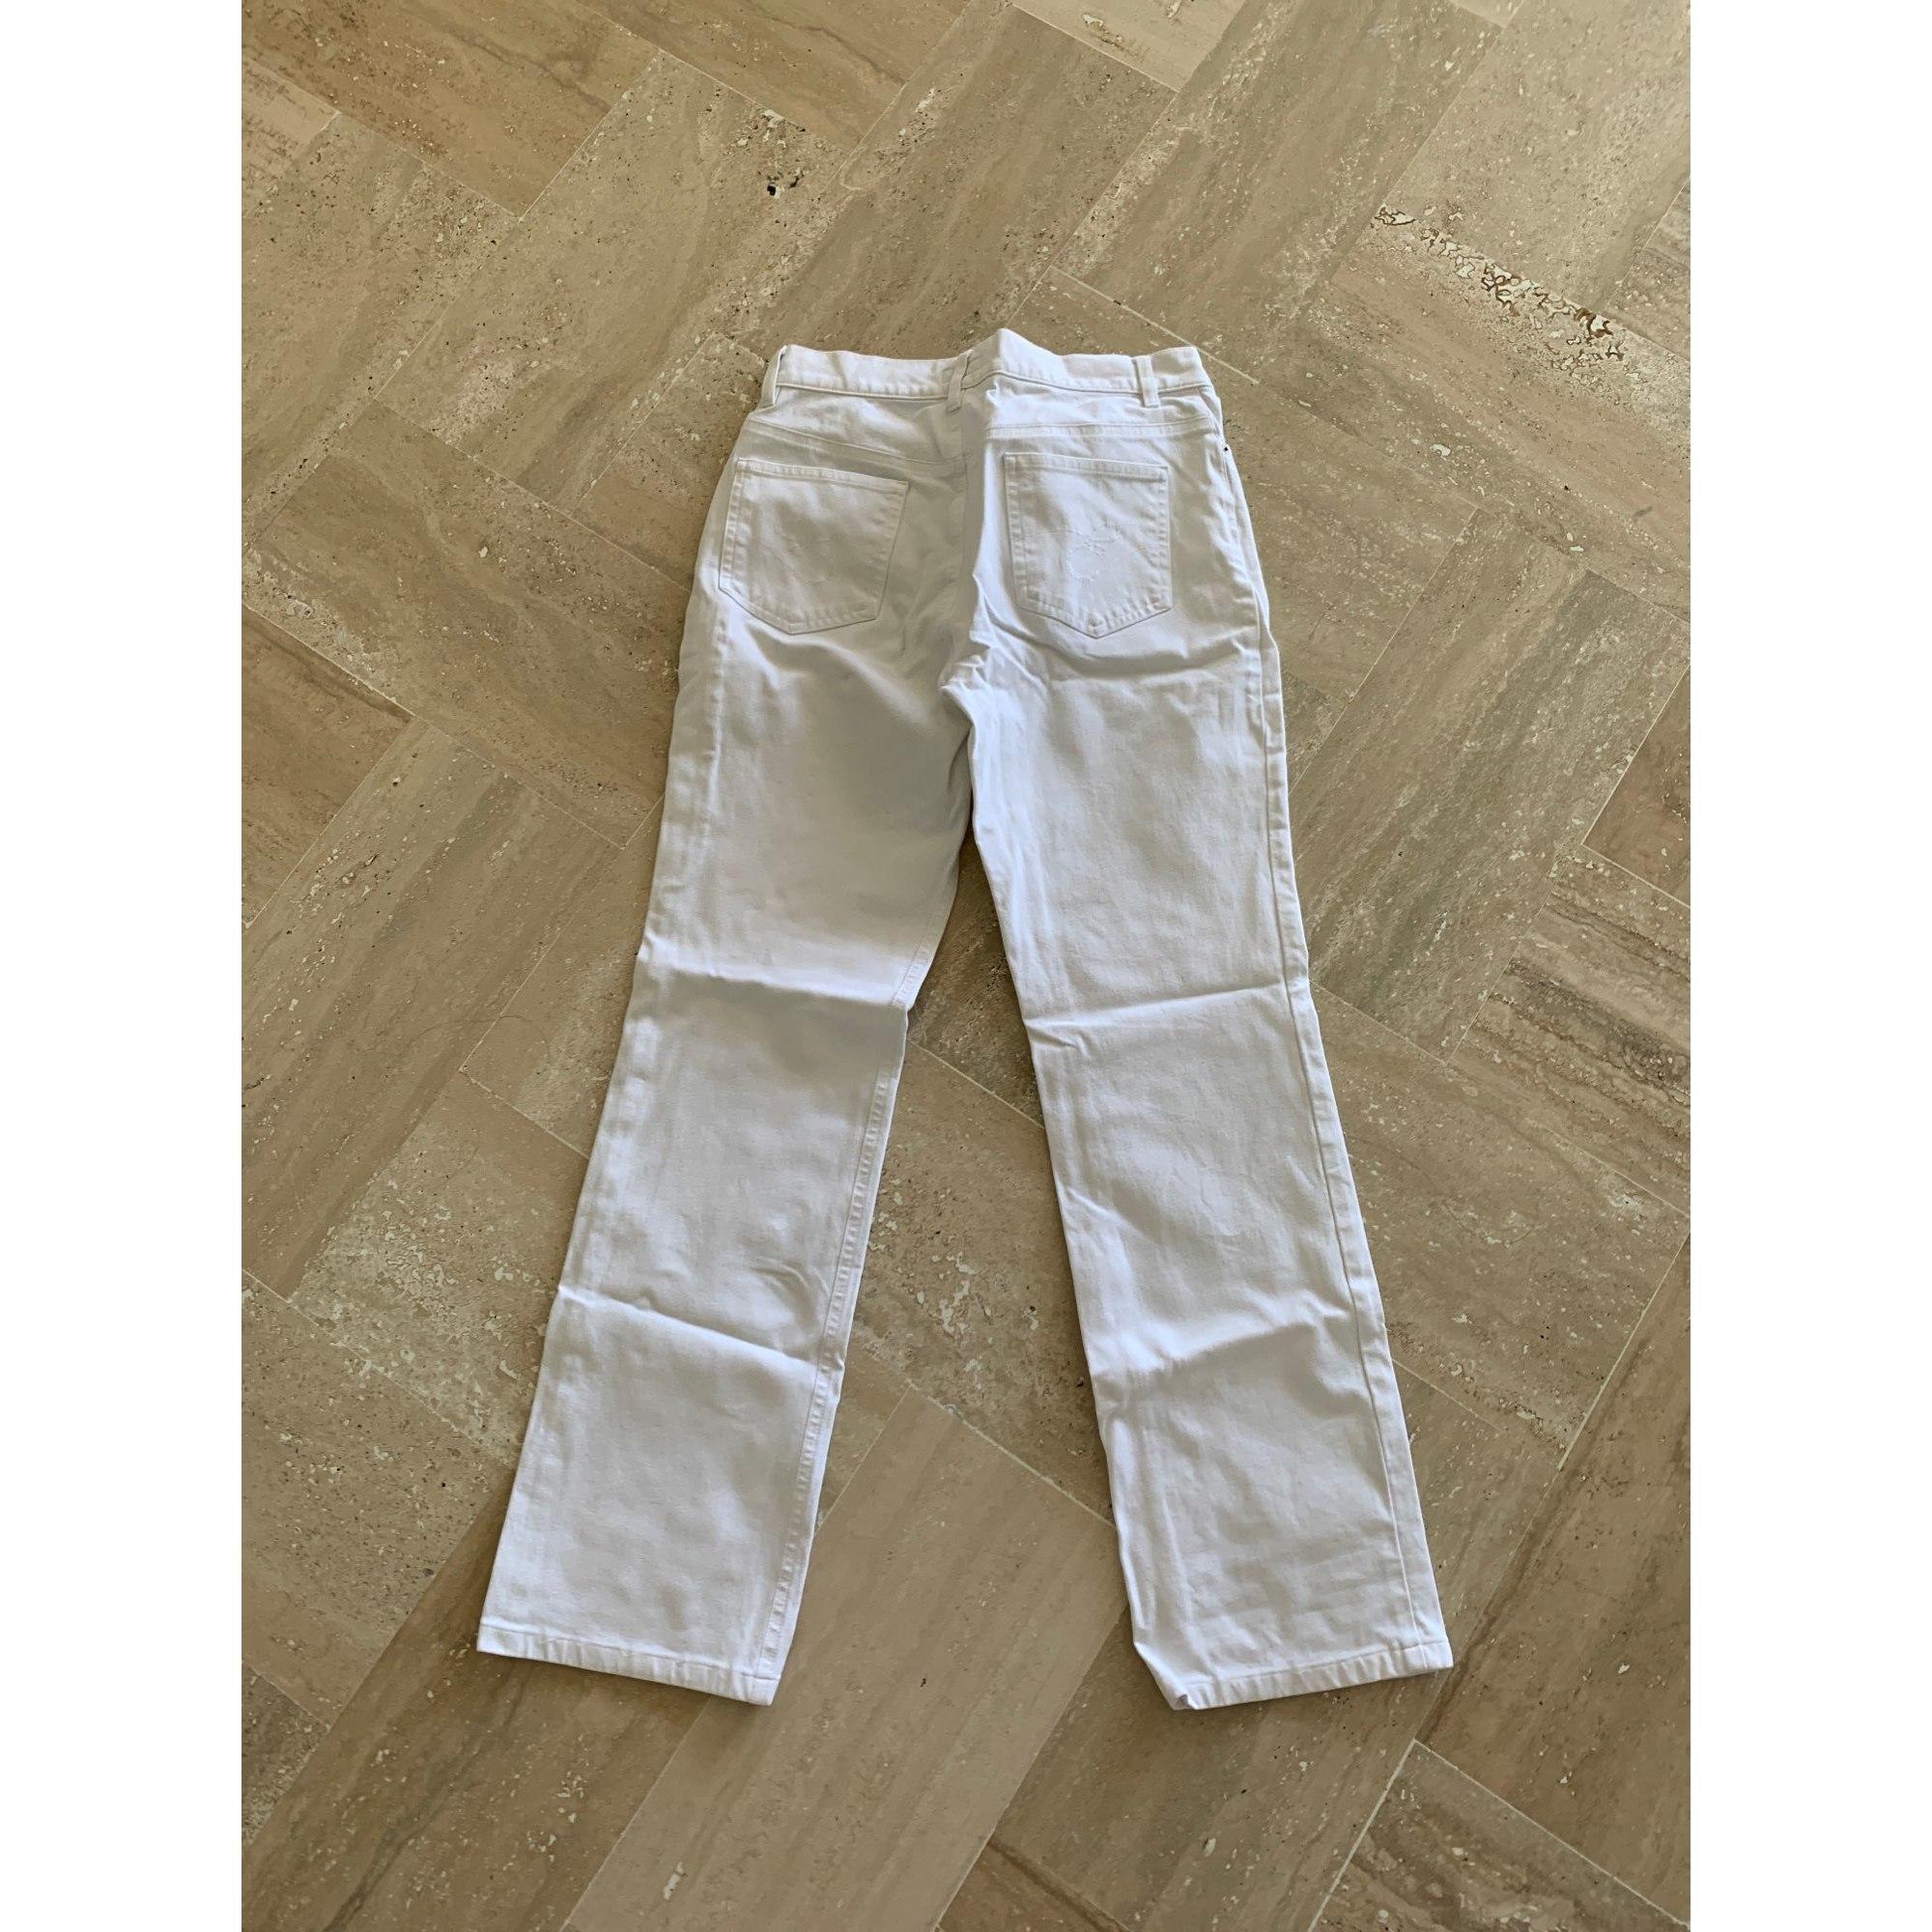 Jeans droit ESCADA Blanc, blanc cassé, écru